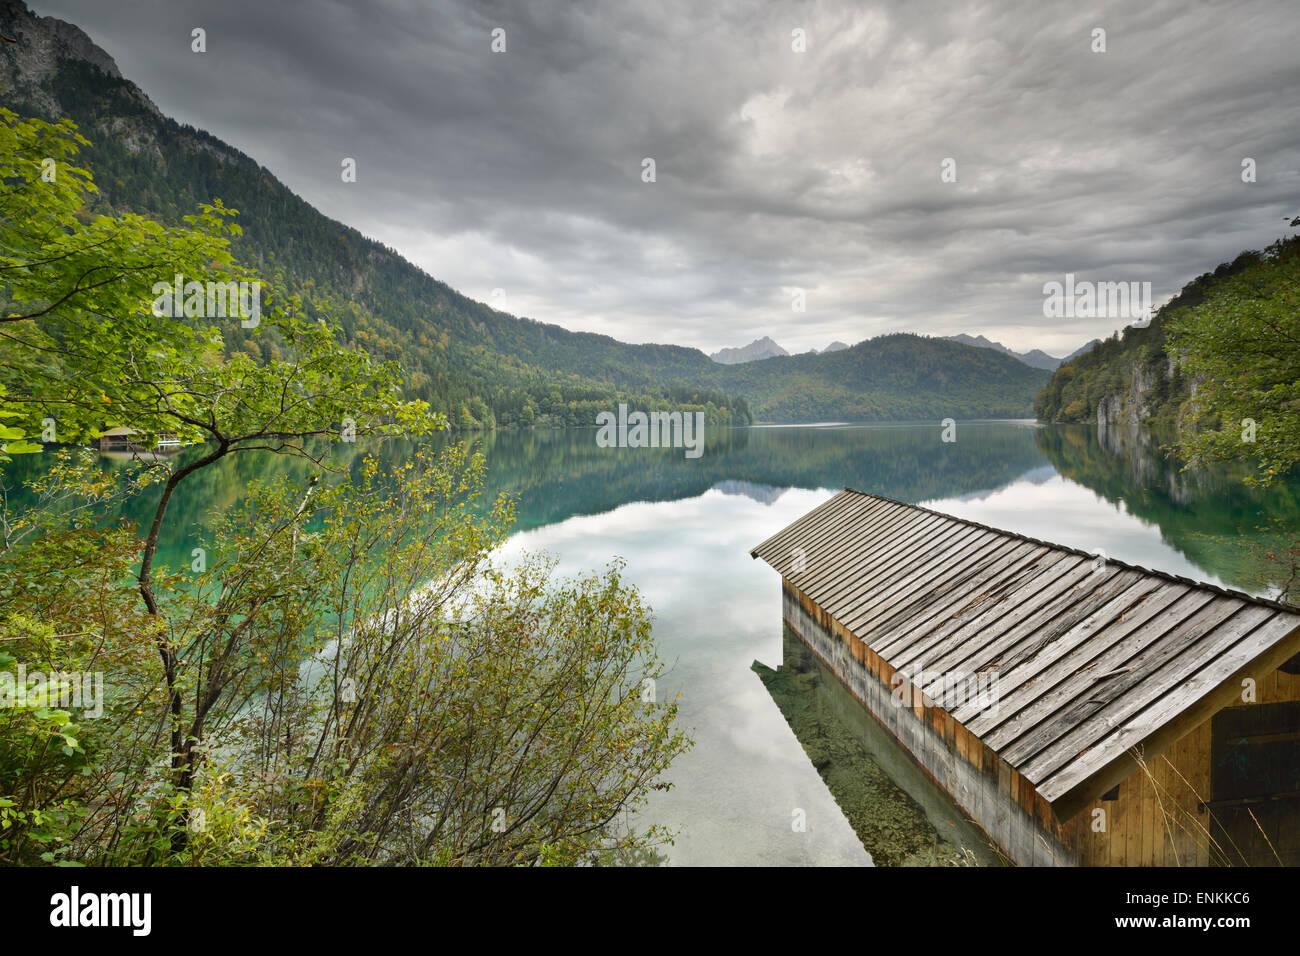 Alpsee See in den Bayerischen Alpen Deutschlands. Stockbild